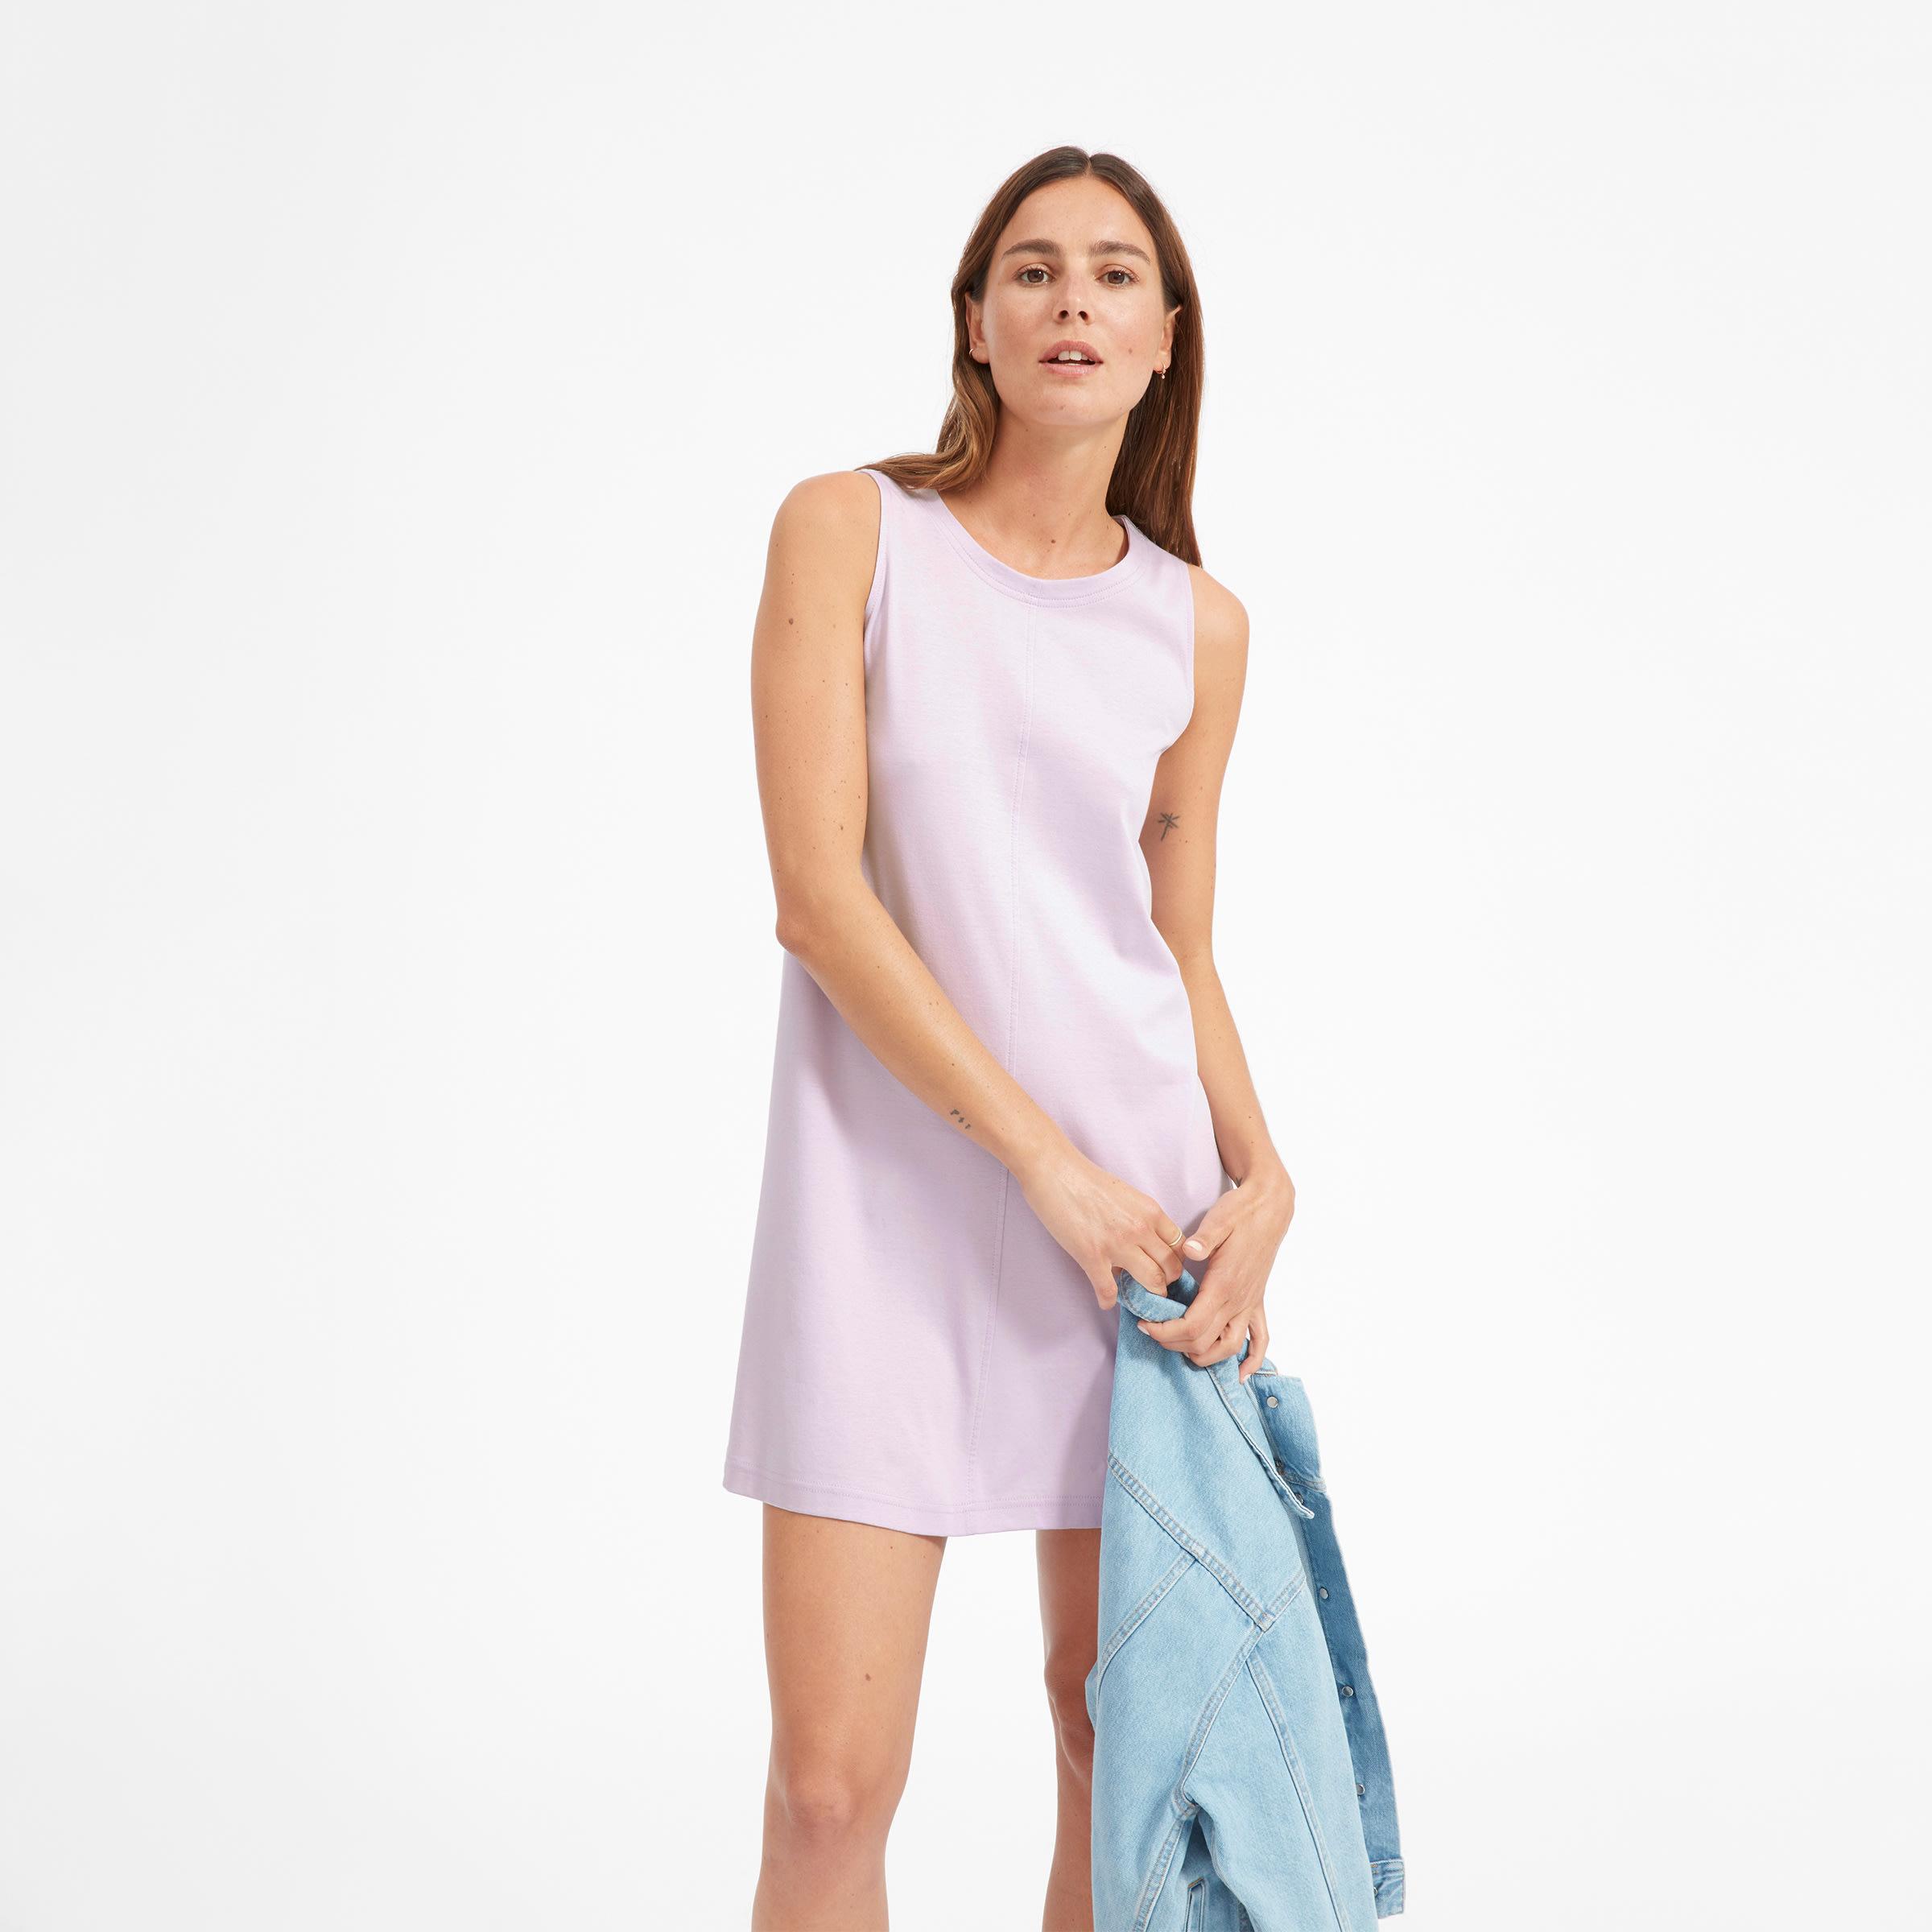 36a3c17cae5d91 Women's Luxe Cotton A-Line Tank Dress | Everlane